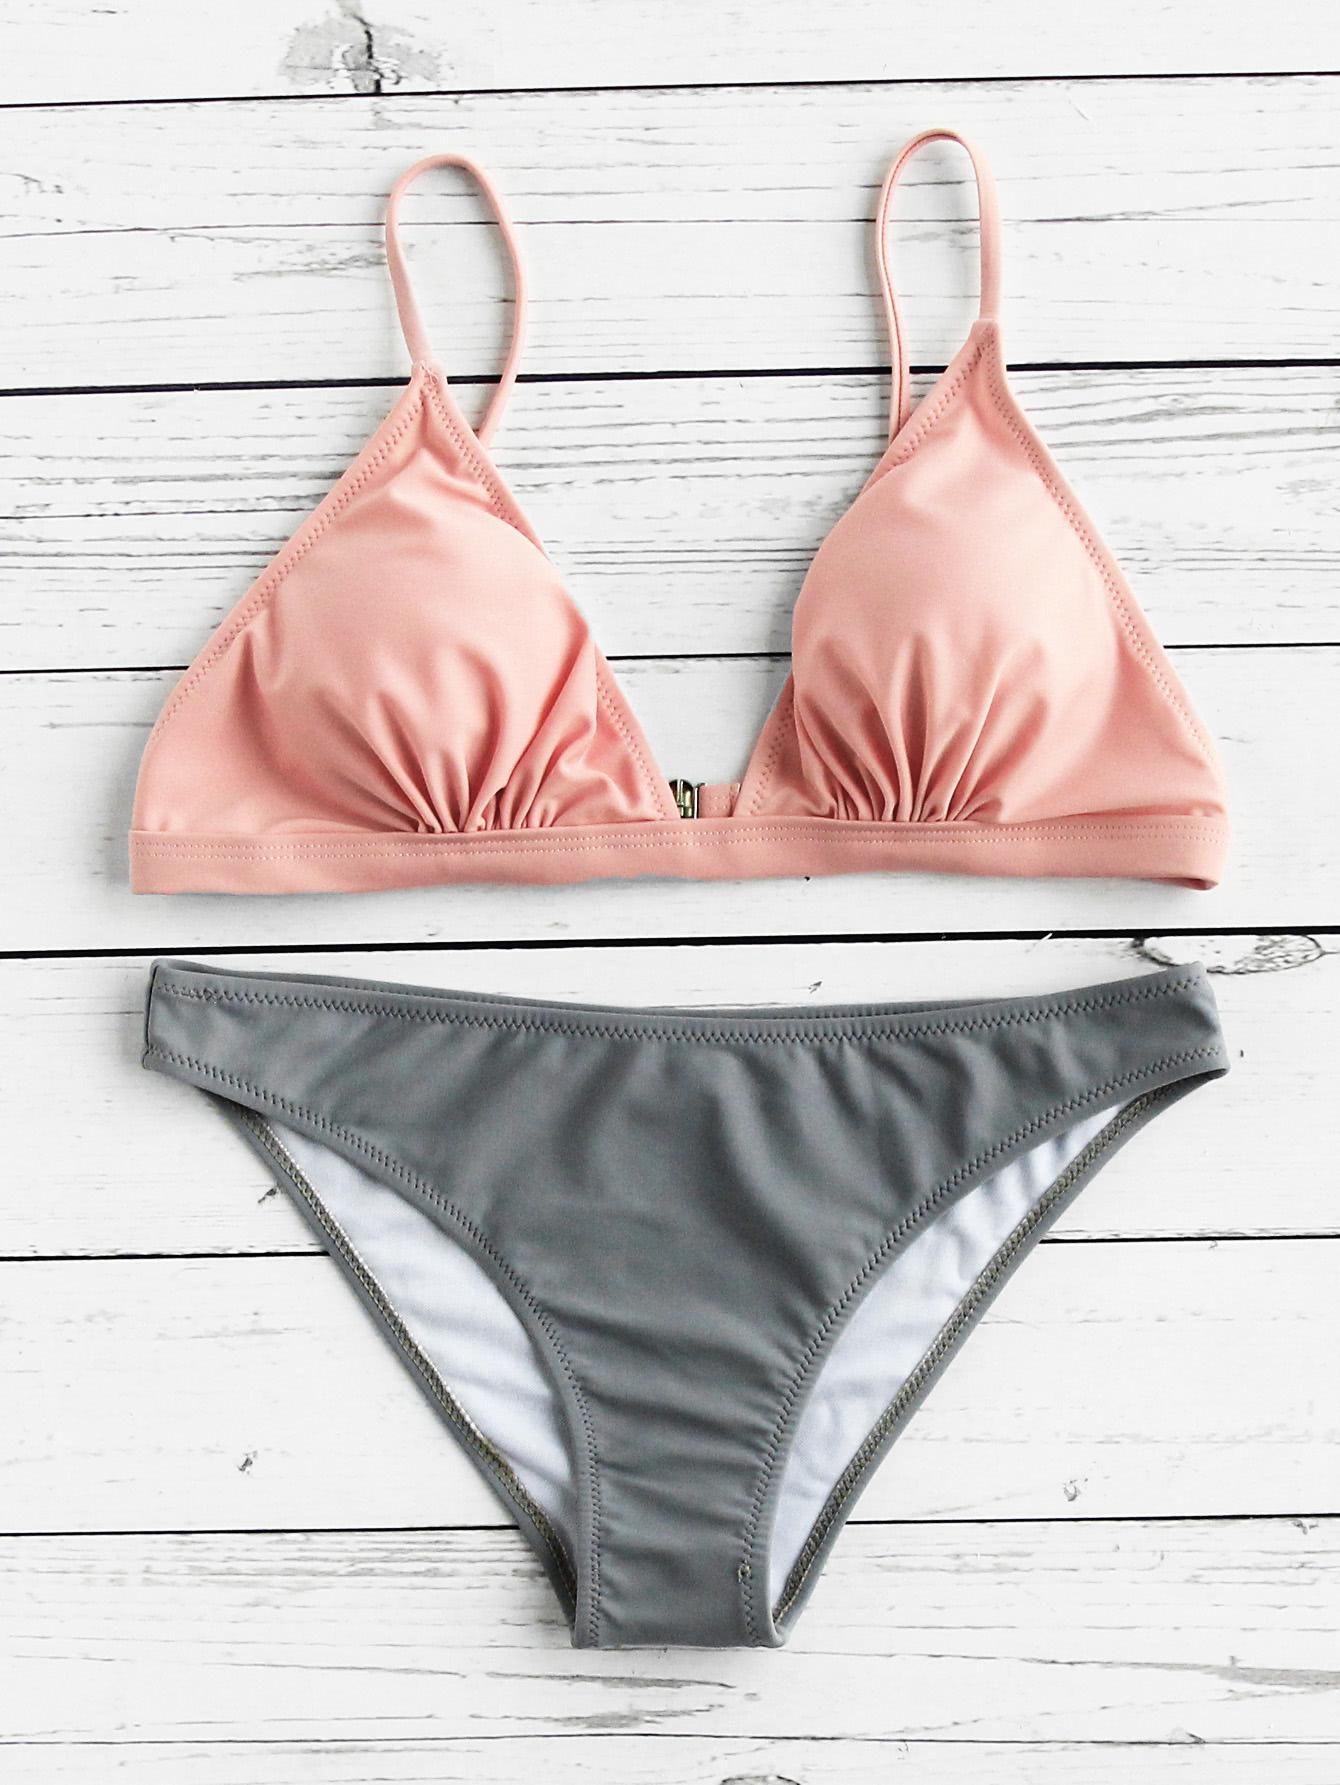 30dfb11959 ROMWE - ROMWE Two Tone Triangle Bikini Set - AdoreWe.com   swimsuits ...